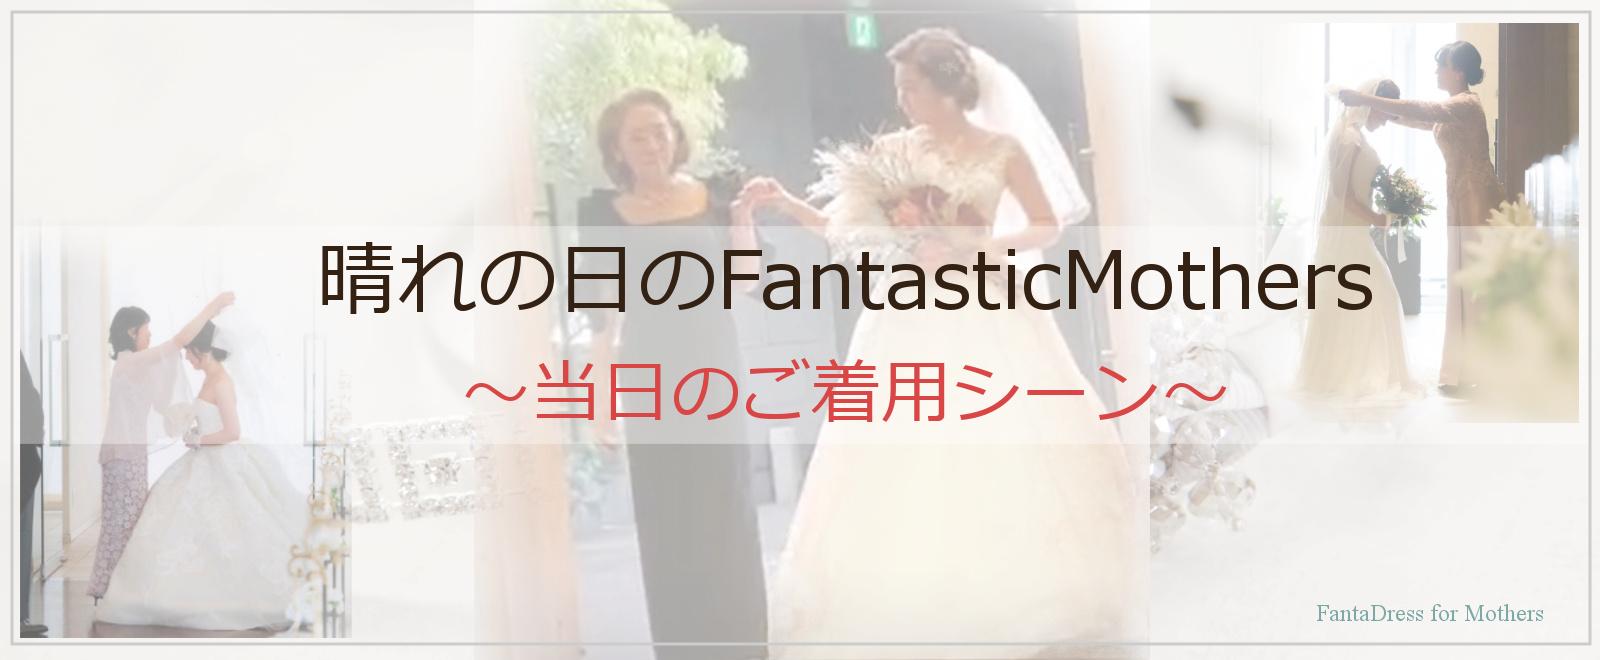 晴れの日のFantasticMothers~当日のご着用シーン~